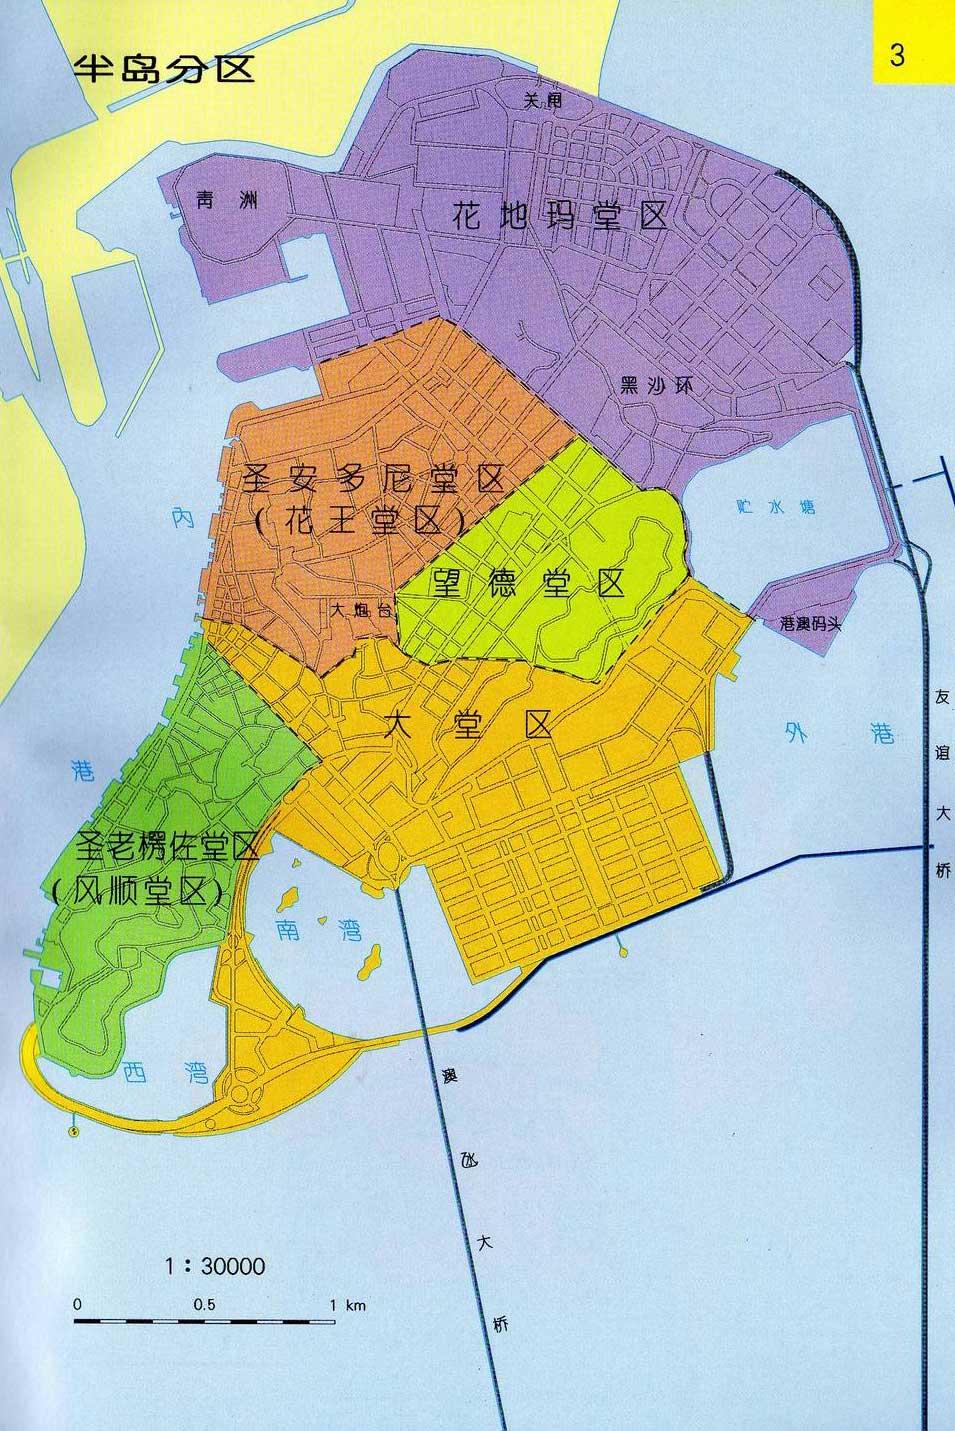 澳门半岛分区地图_澳门地图库